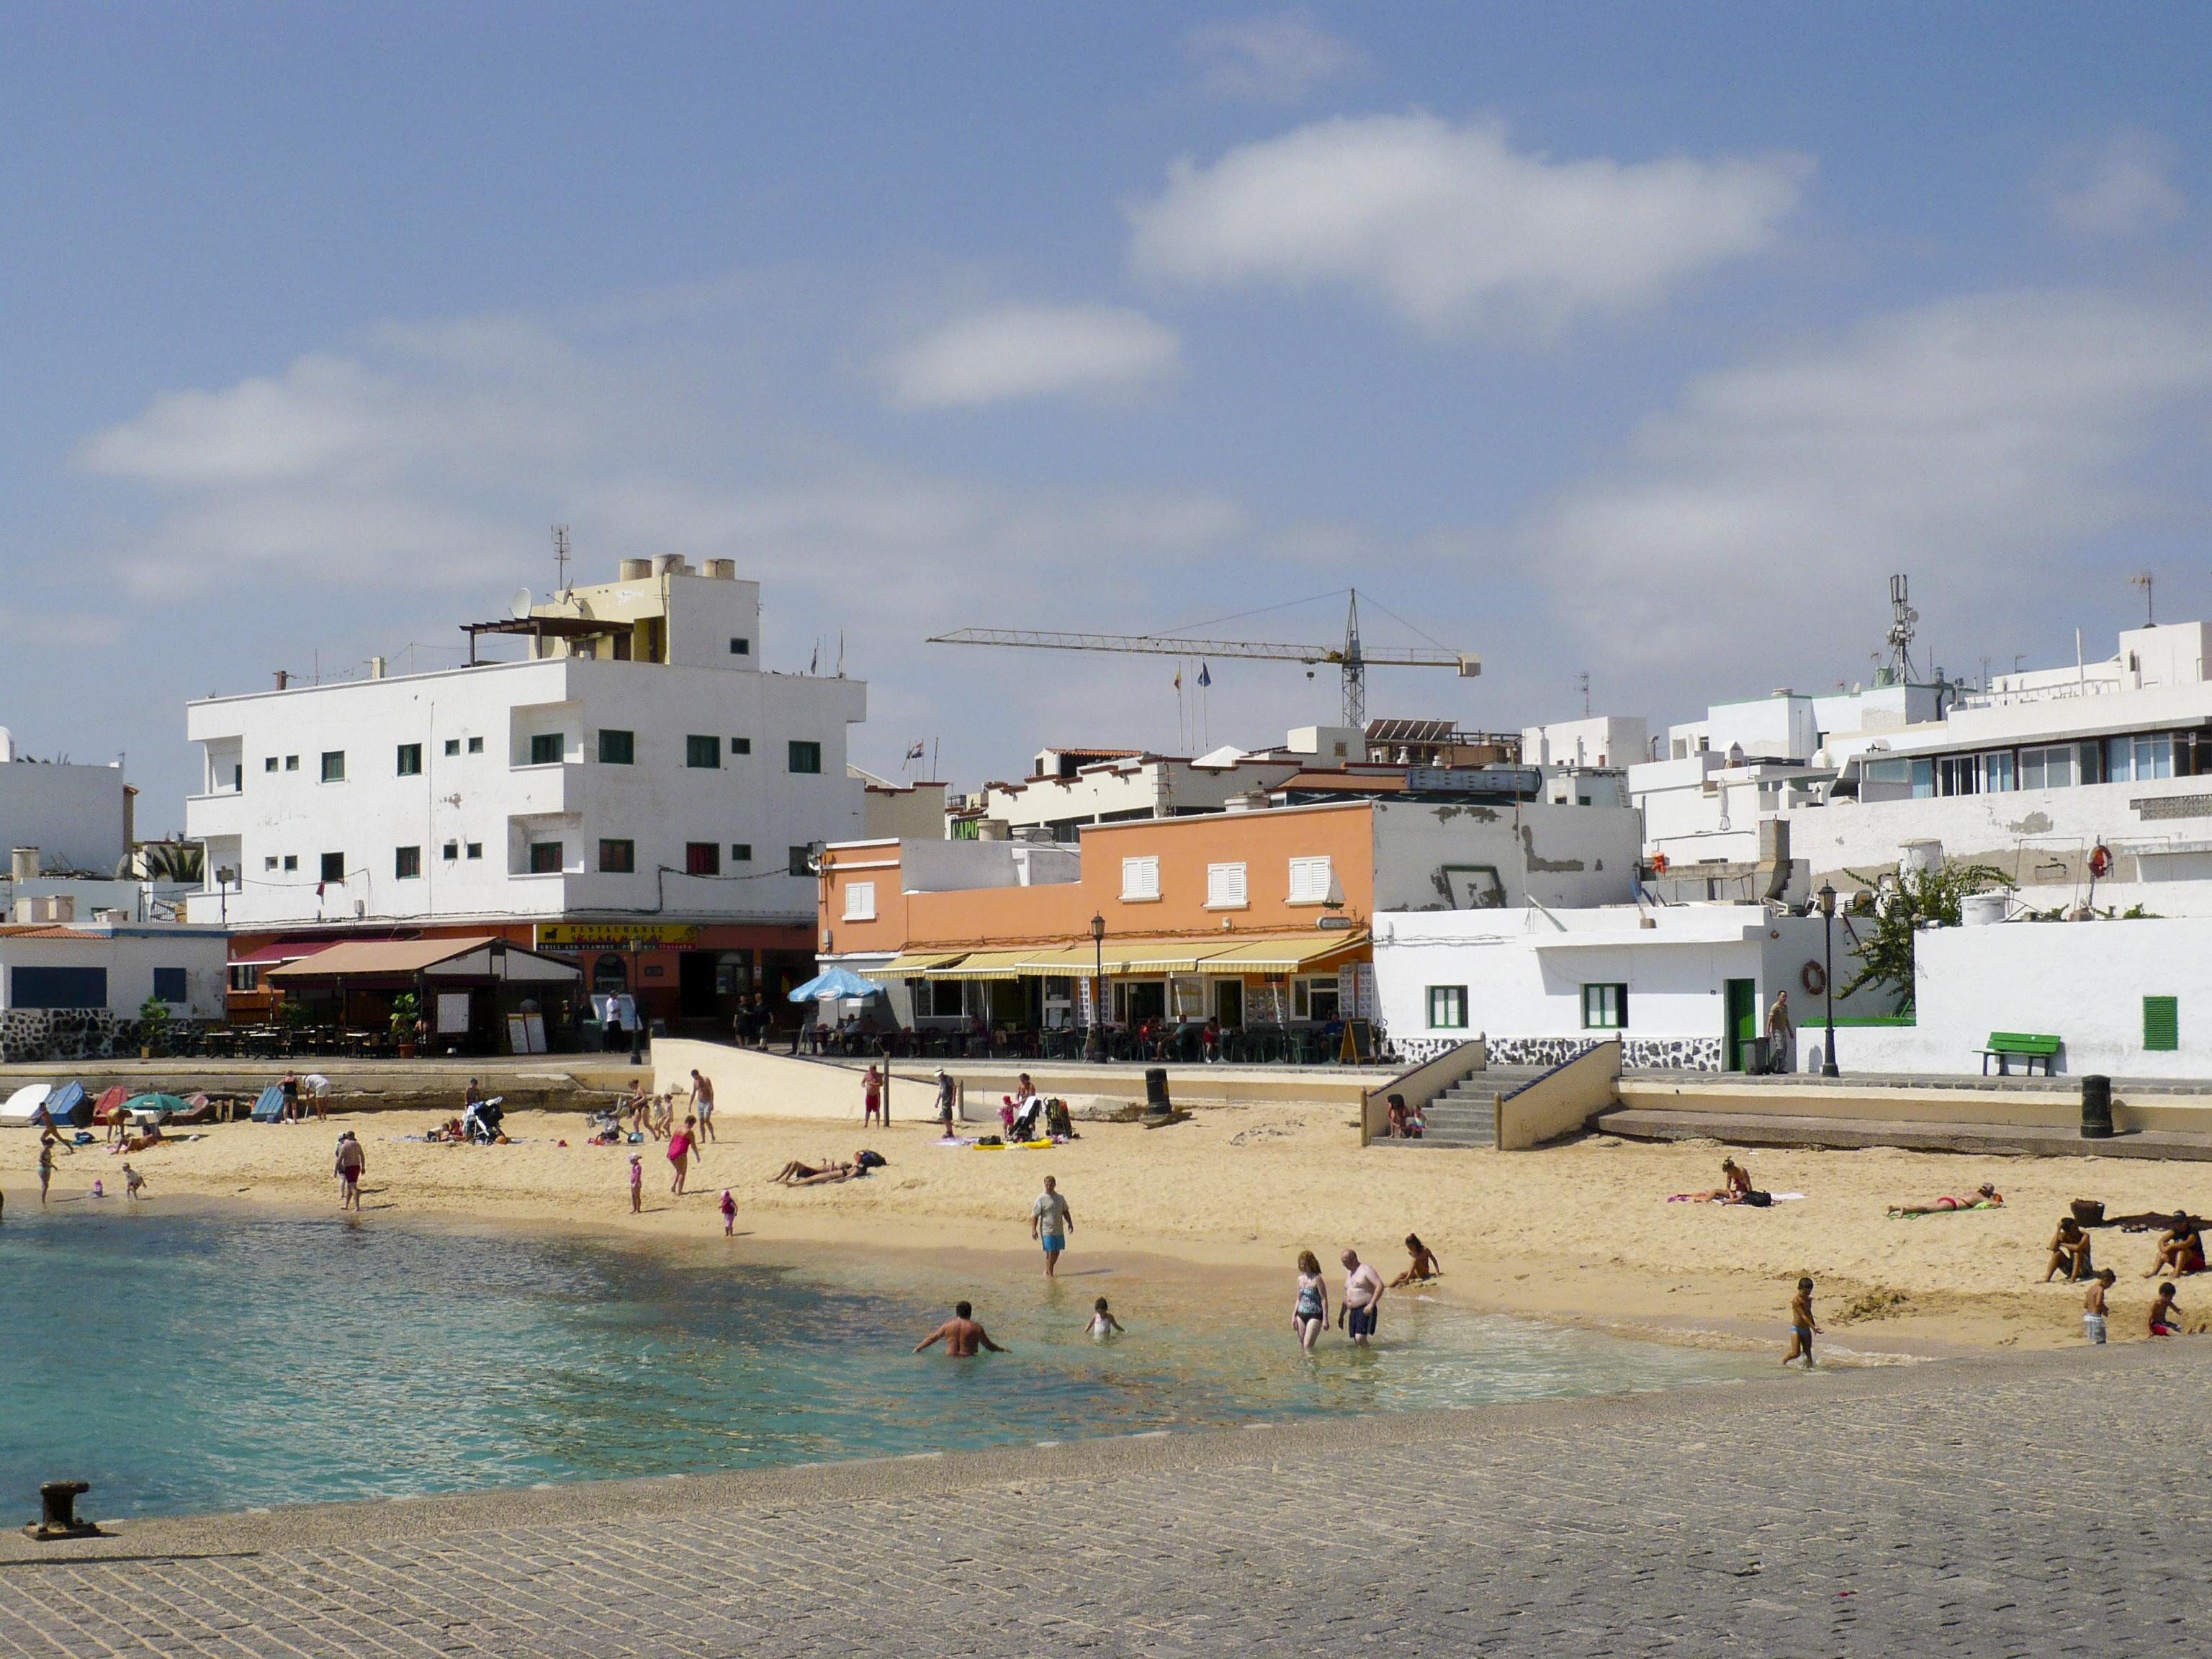 File:Corralejo Town Beach (2856300854).jpg - Wikimedia Commons